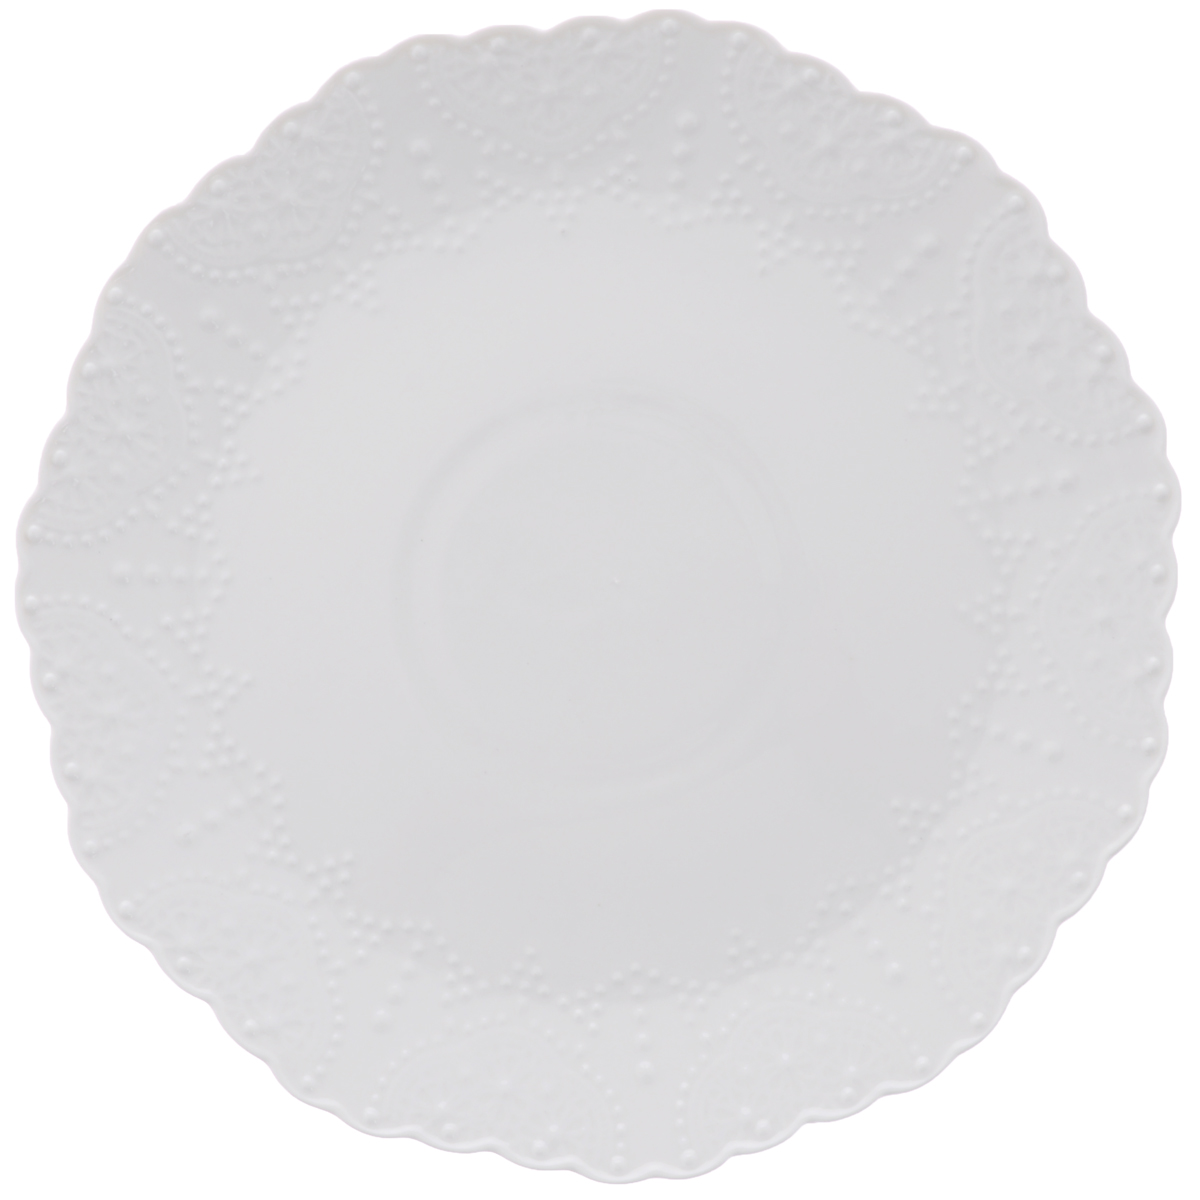 Тарелка обеденная Walmer Vivien, цвет: белый, диаметр 26 см горшок для запекания walmer classic цвет белый диаметр 12 см